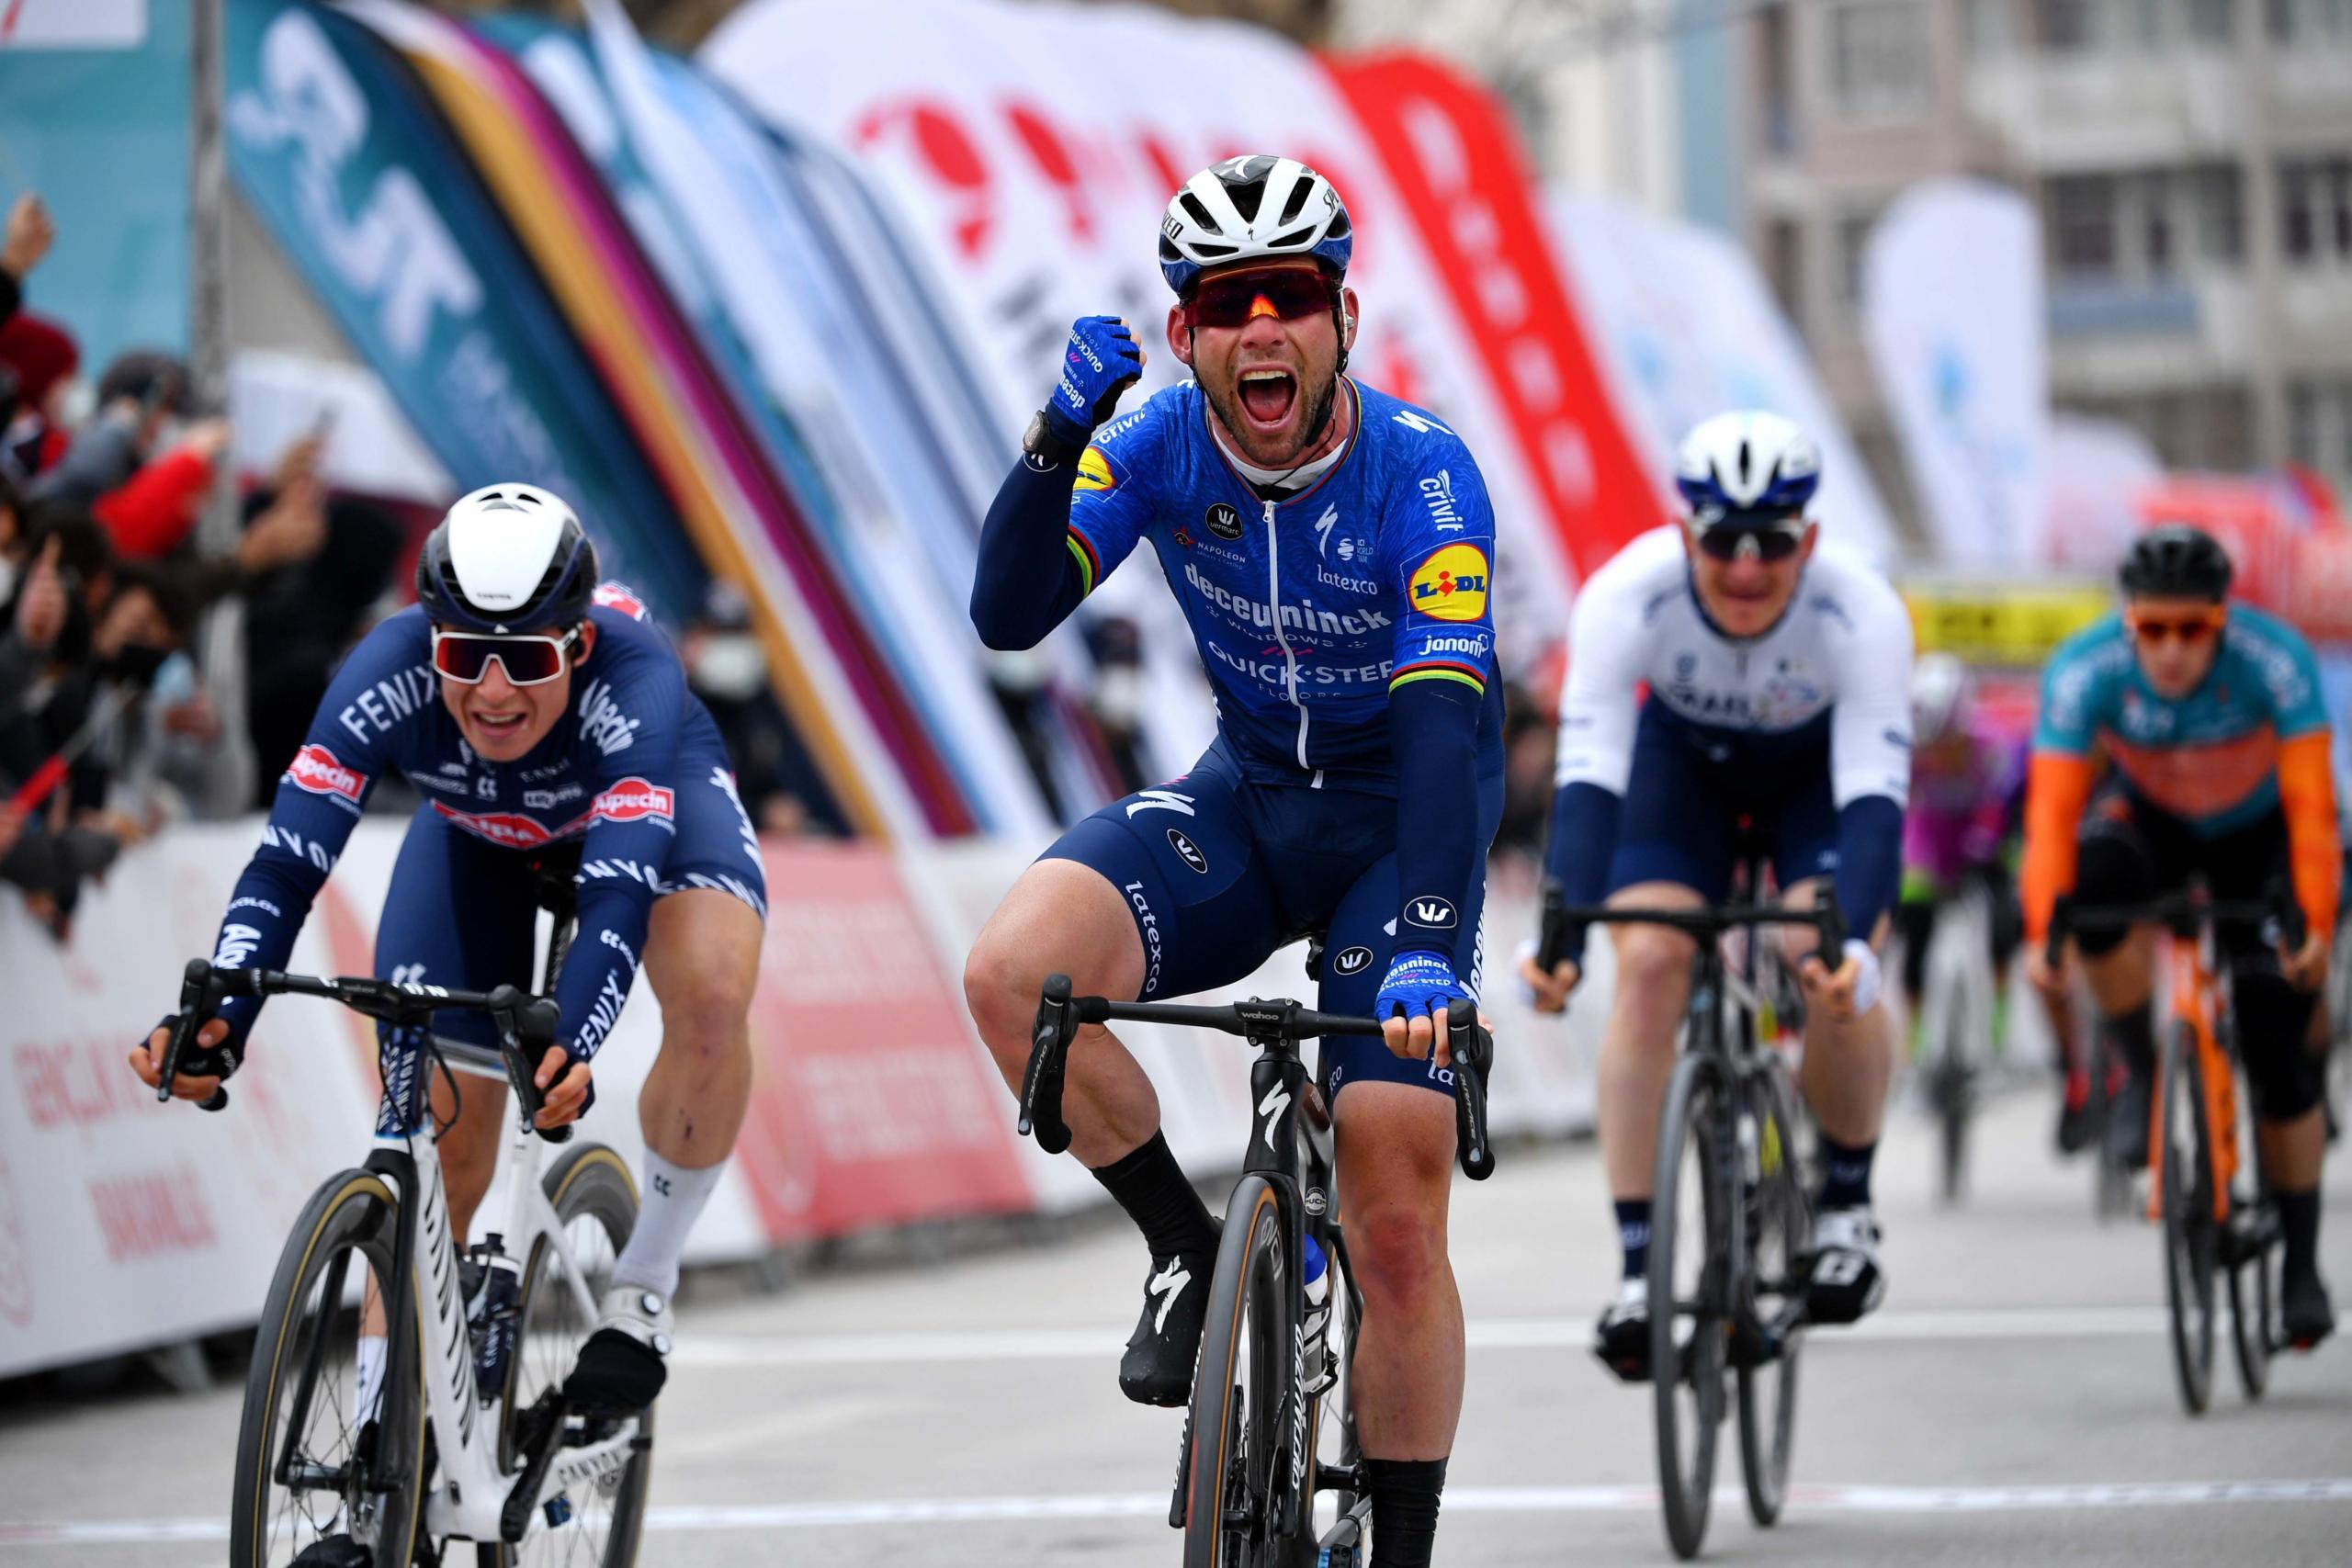 """Mark Cavendish al Tour de France? """"Non con questo stipendio"""". Le pretese economiche del britannico"""